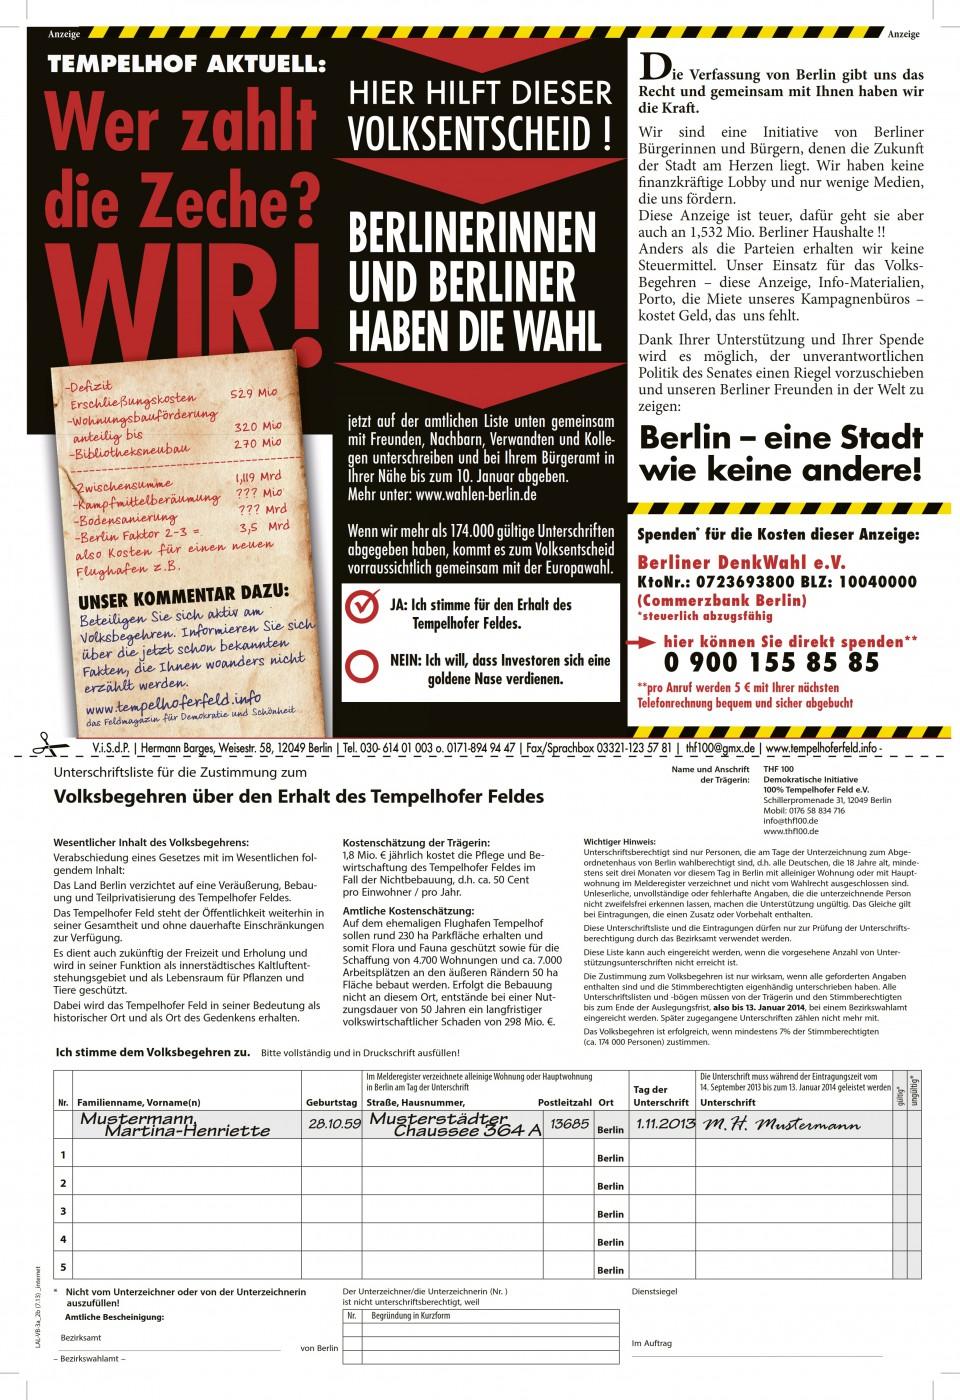 Spendenaufruf für Anzeige für das Volksbegehren Tempelhofer Feld